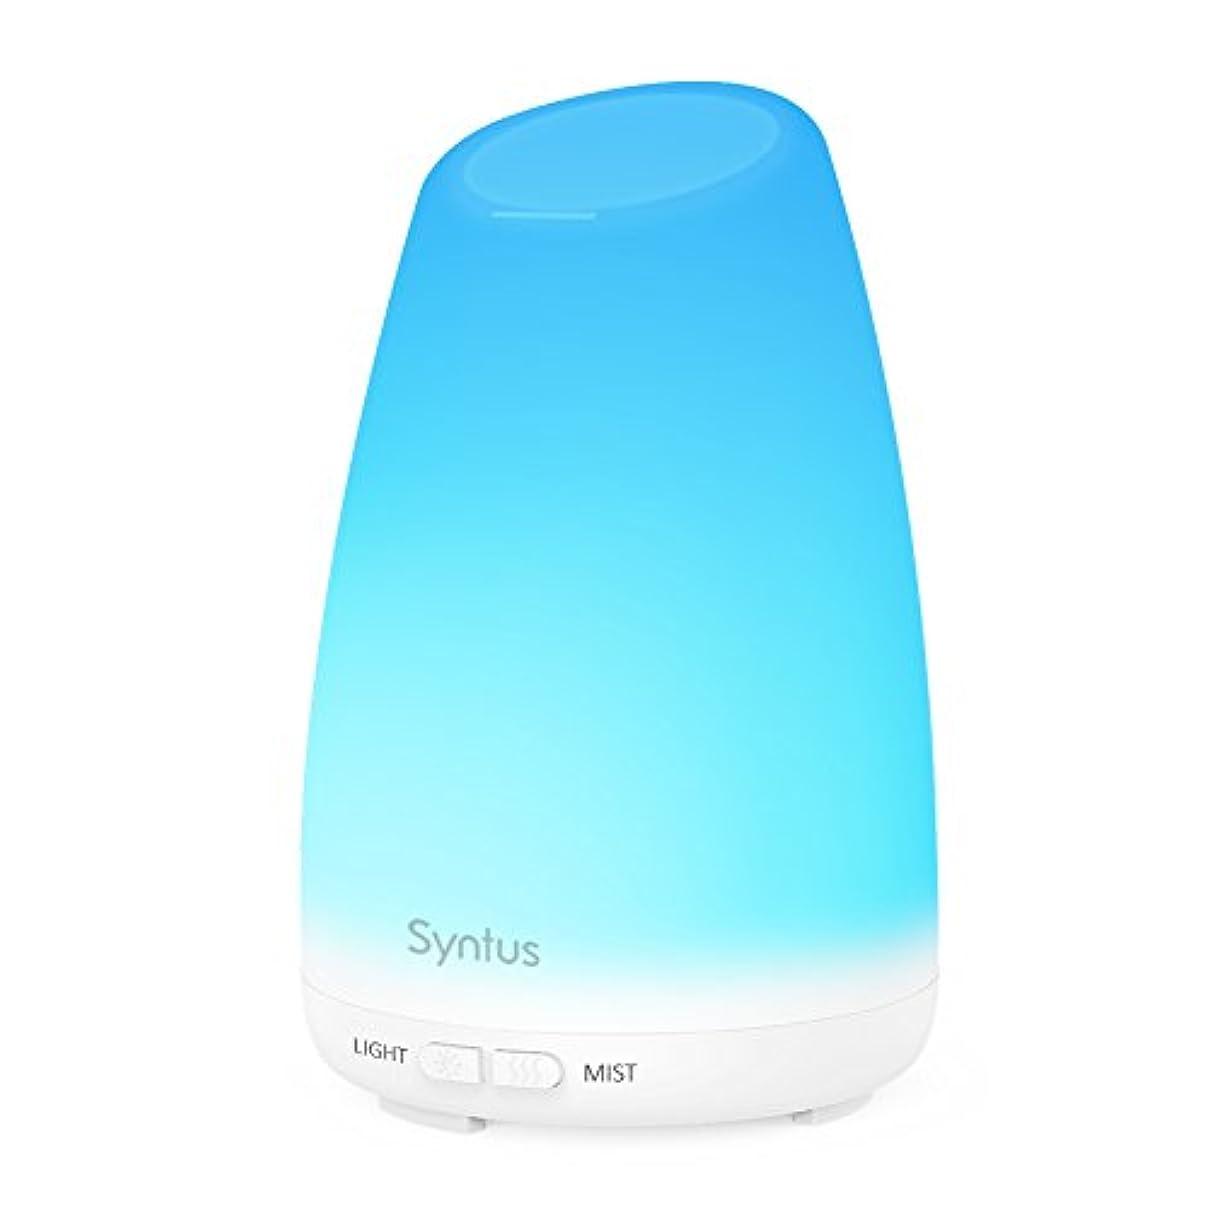 すばらしいですスープステージSyntus 150ml エッセンシャルオイルディフューザー ポータブル超音波式アロマセラピーディフューザー 7色に変わるLEDライト 変更可能なミストモード 水切れ自動停止機能